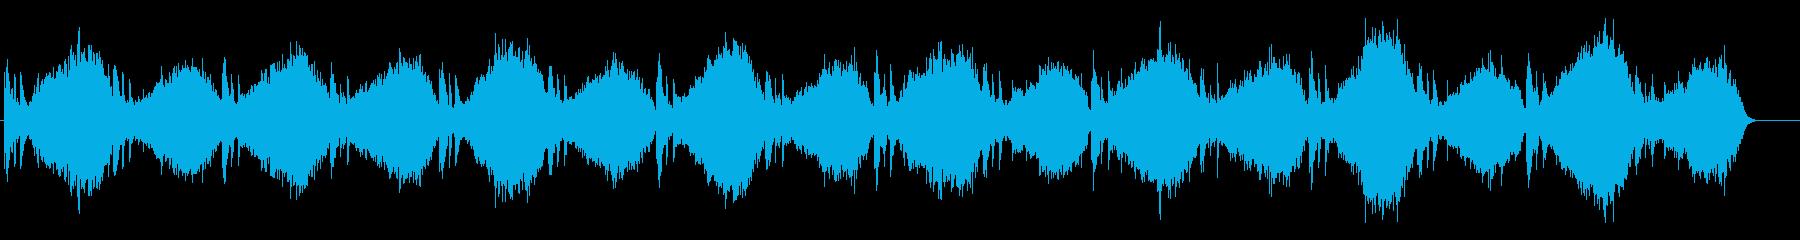 ドキュメント向け ストリングス・ピアノ曲の再生済みの波形